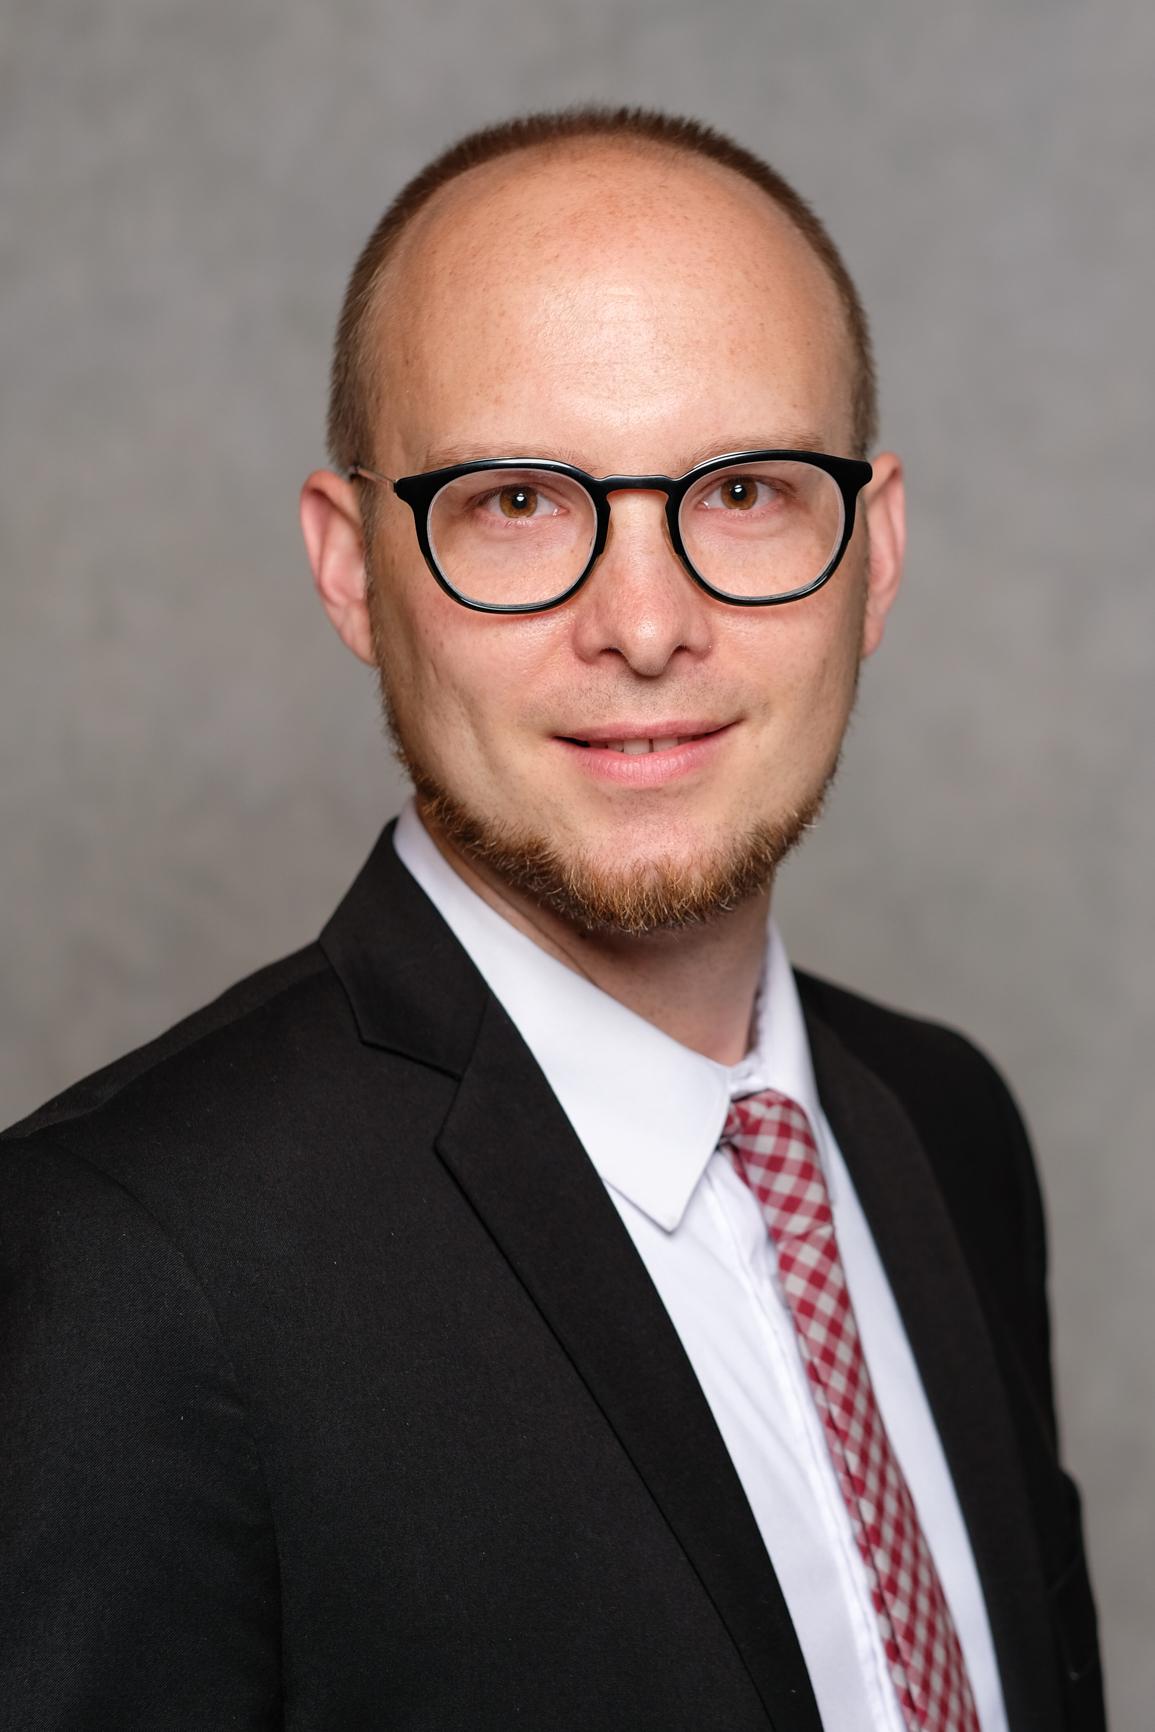 Peder Wiegner headshot.